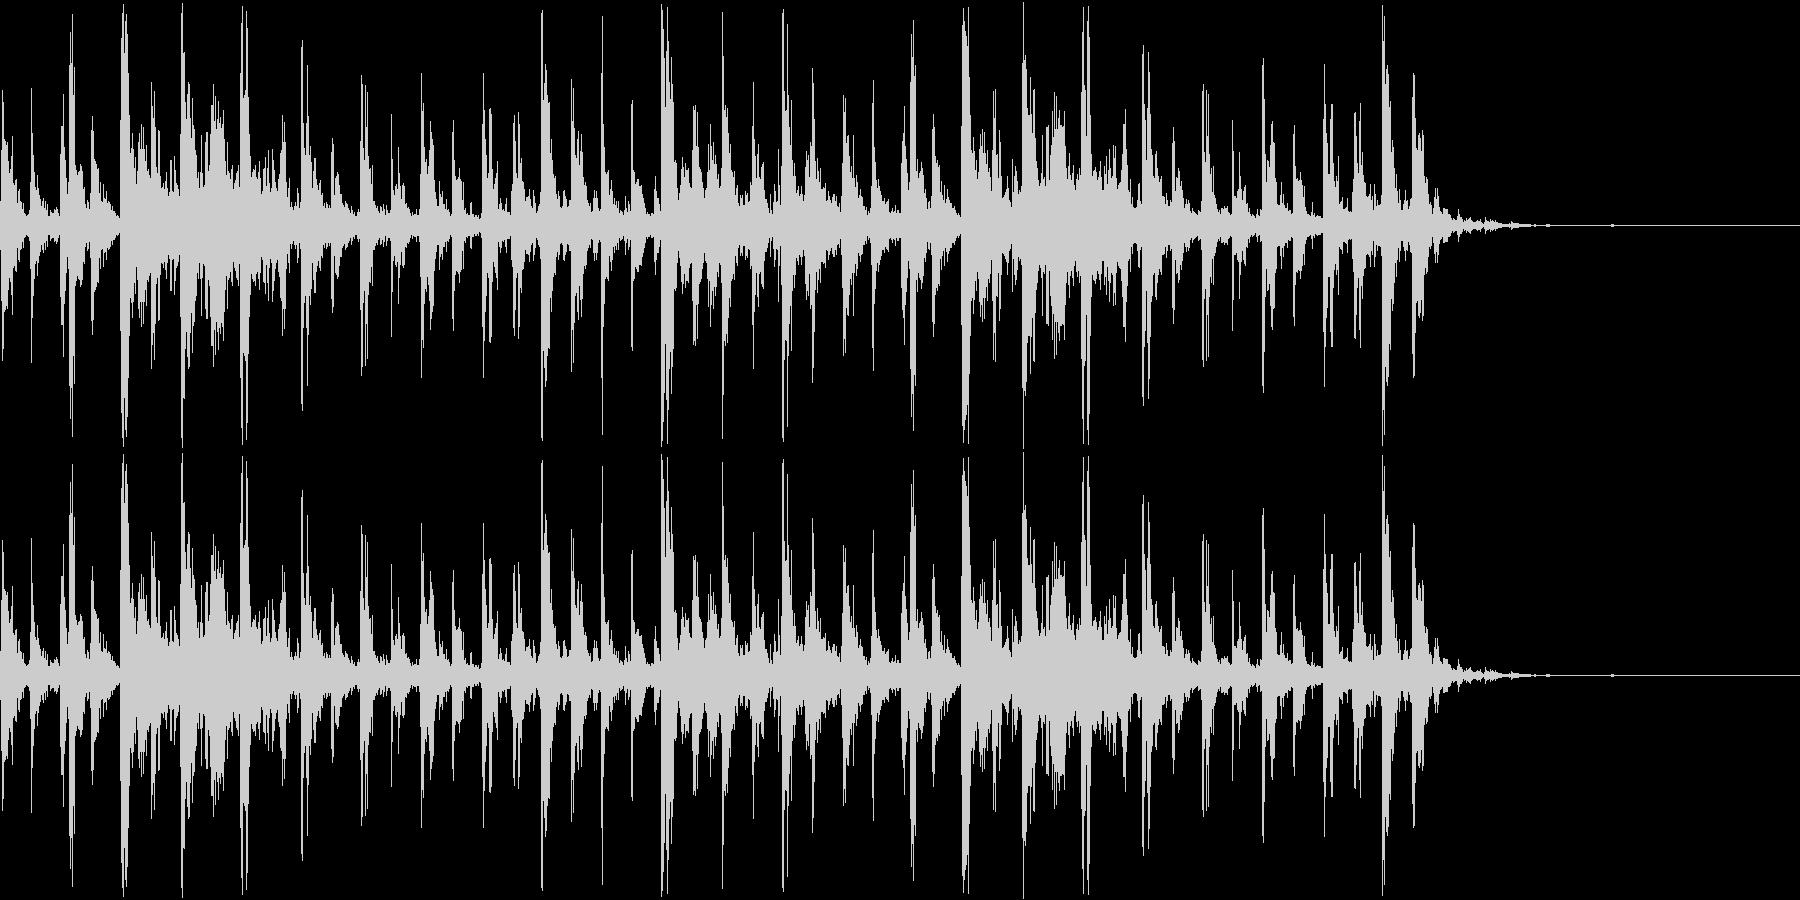 シャンシャンシャン クリスマスの鈴2の未再生の波形